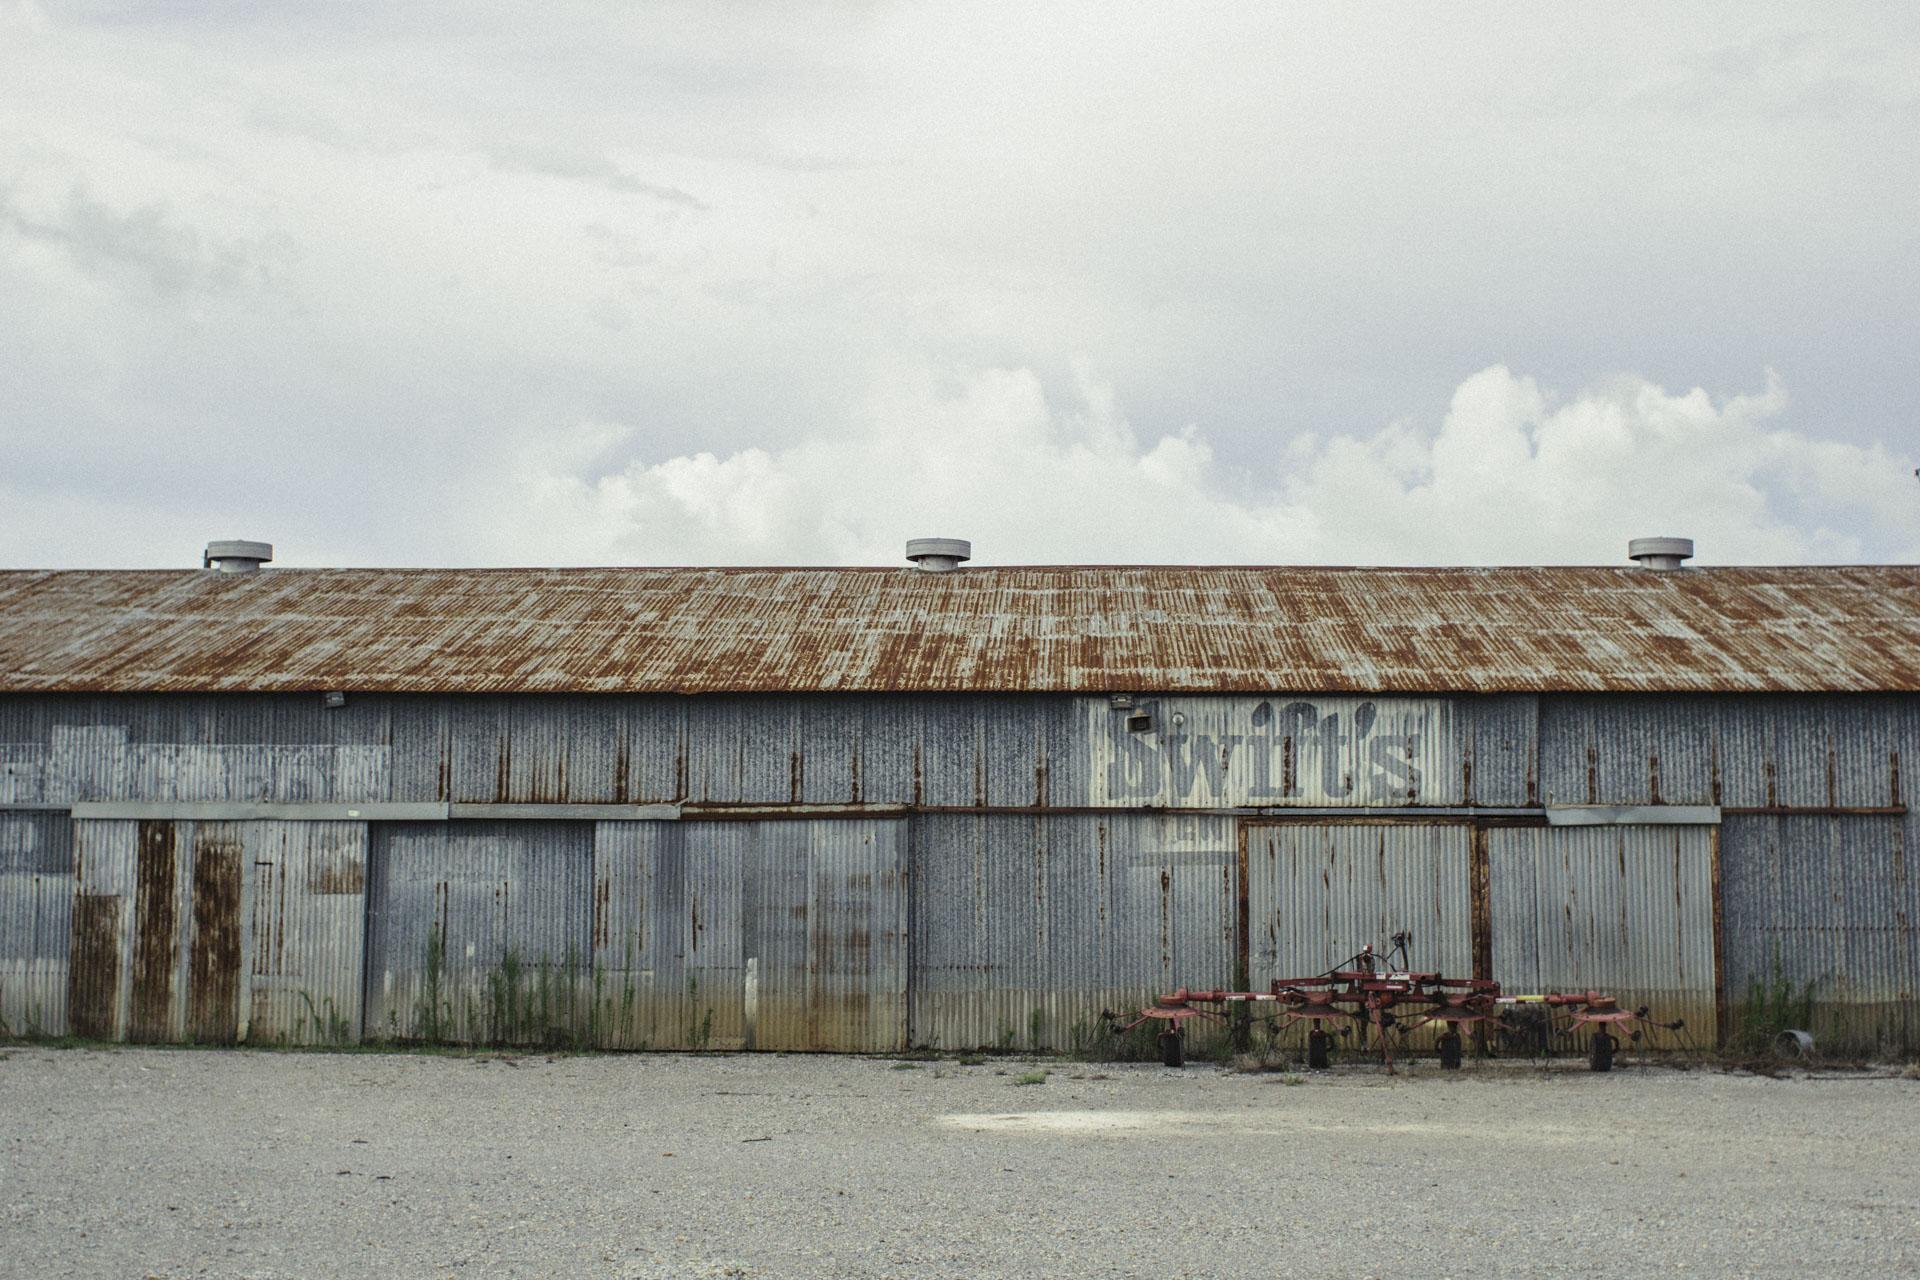 Louisiana_FinalDSC02706.JPG